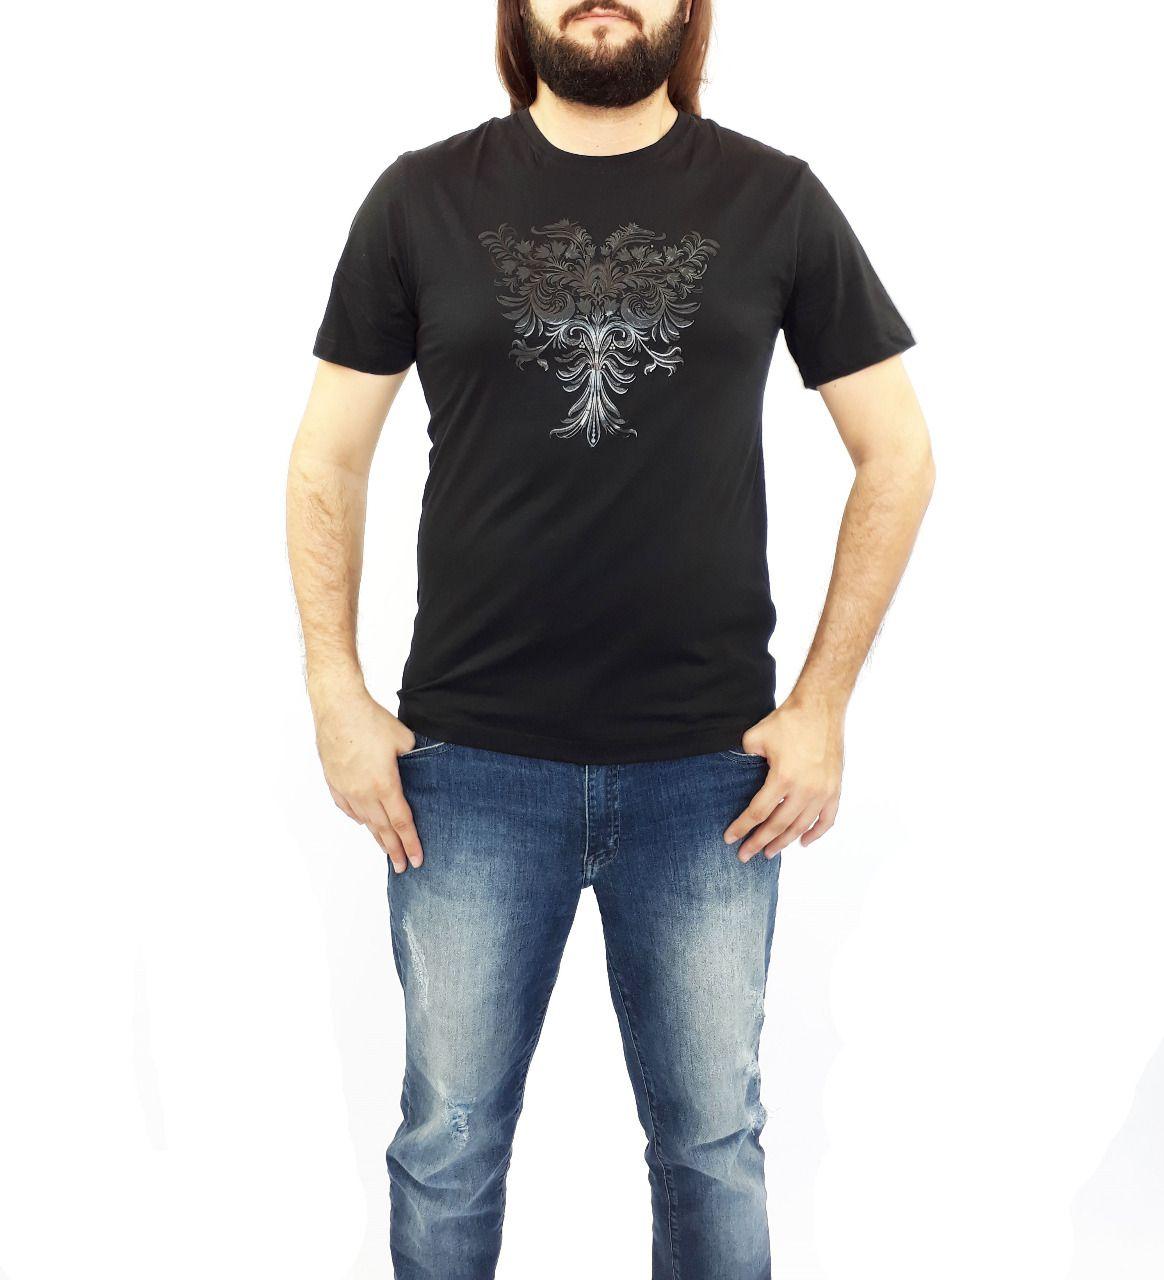 Camiseta Cavalera Masculina Preta Águia Estampada